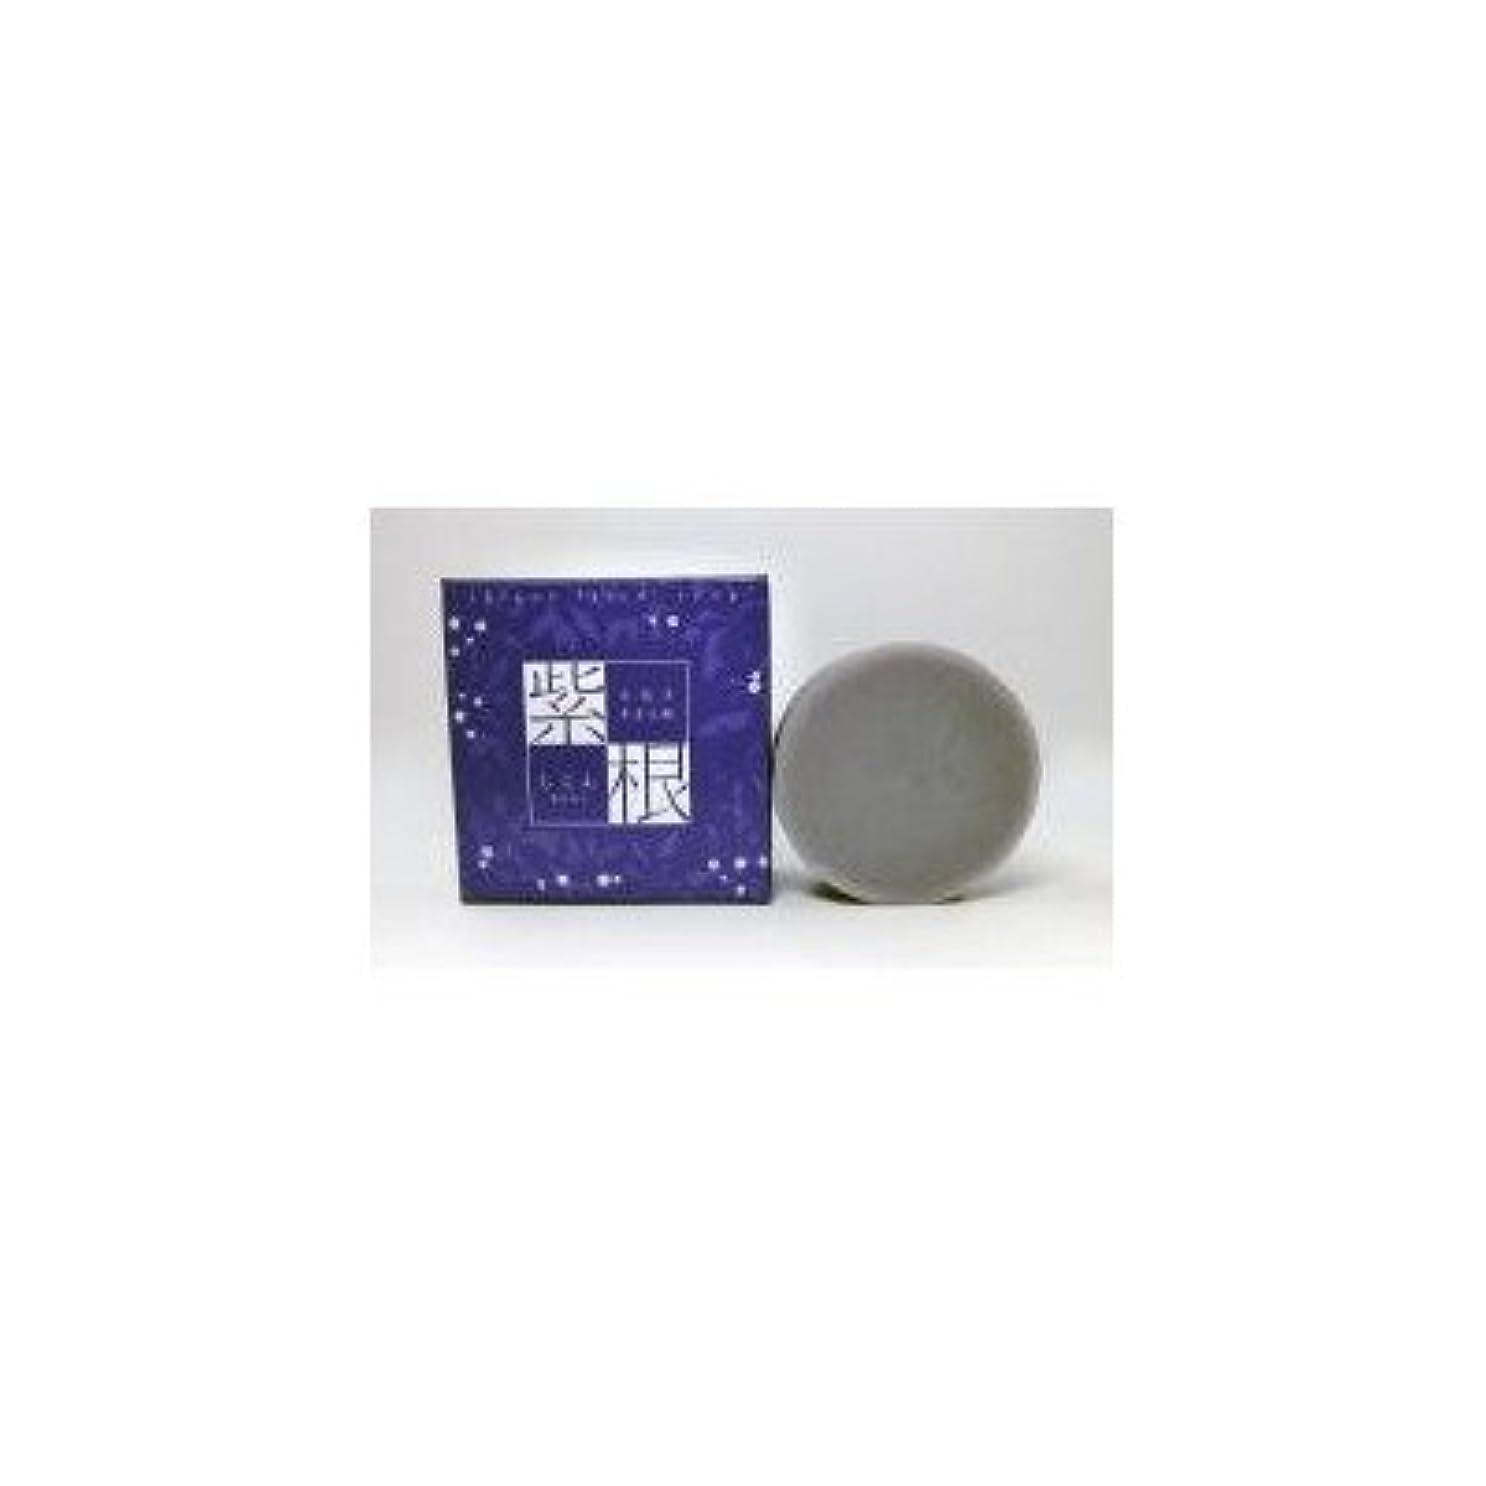 罹患率スキッパーれる紫根エキスをたっぷり配合した洗顔石鹸 紫根石鹸 100g×5個セット